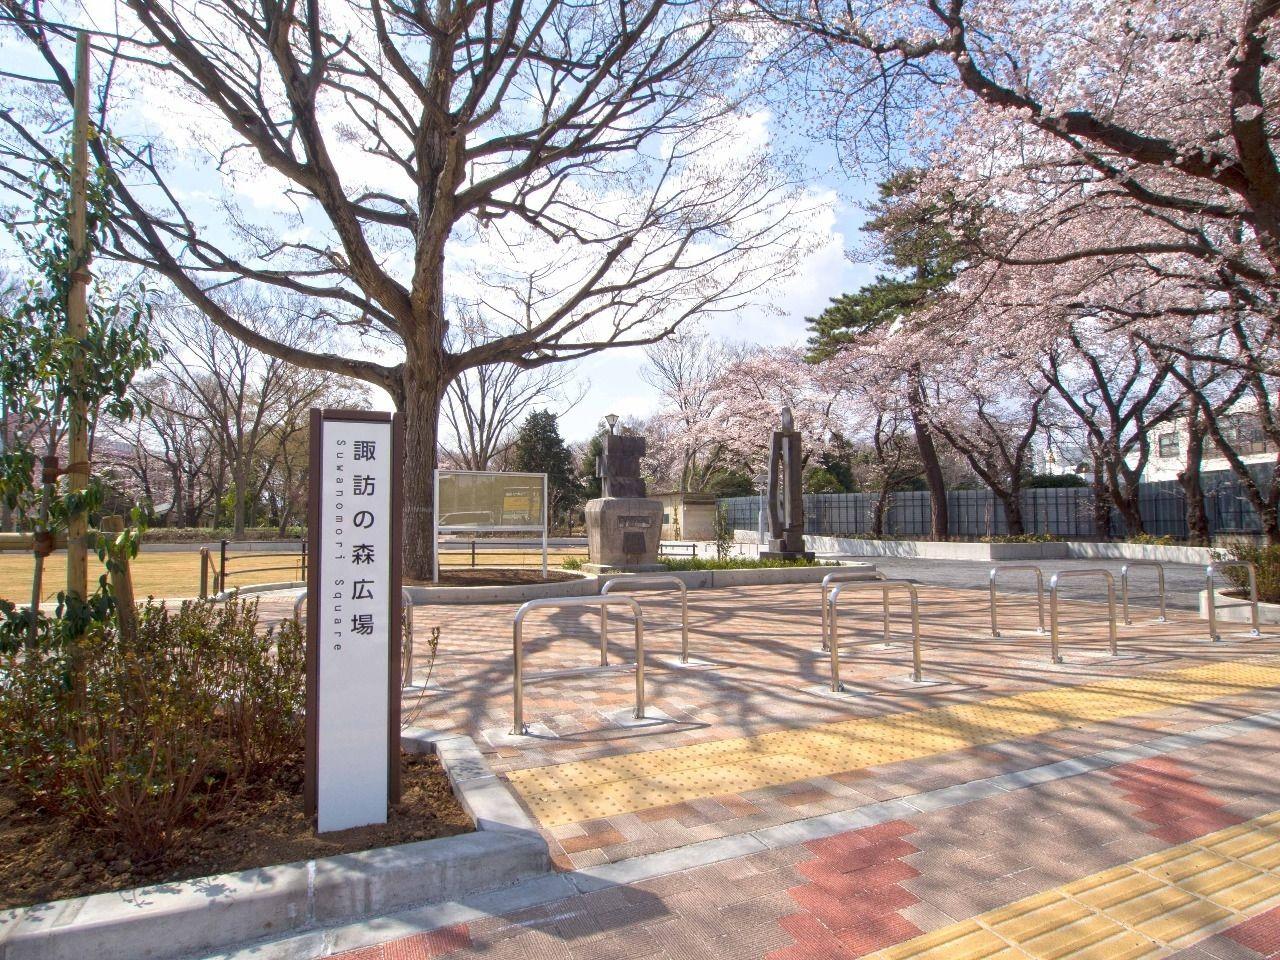 諏訪の森公園併設の芝生広場